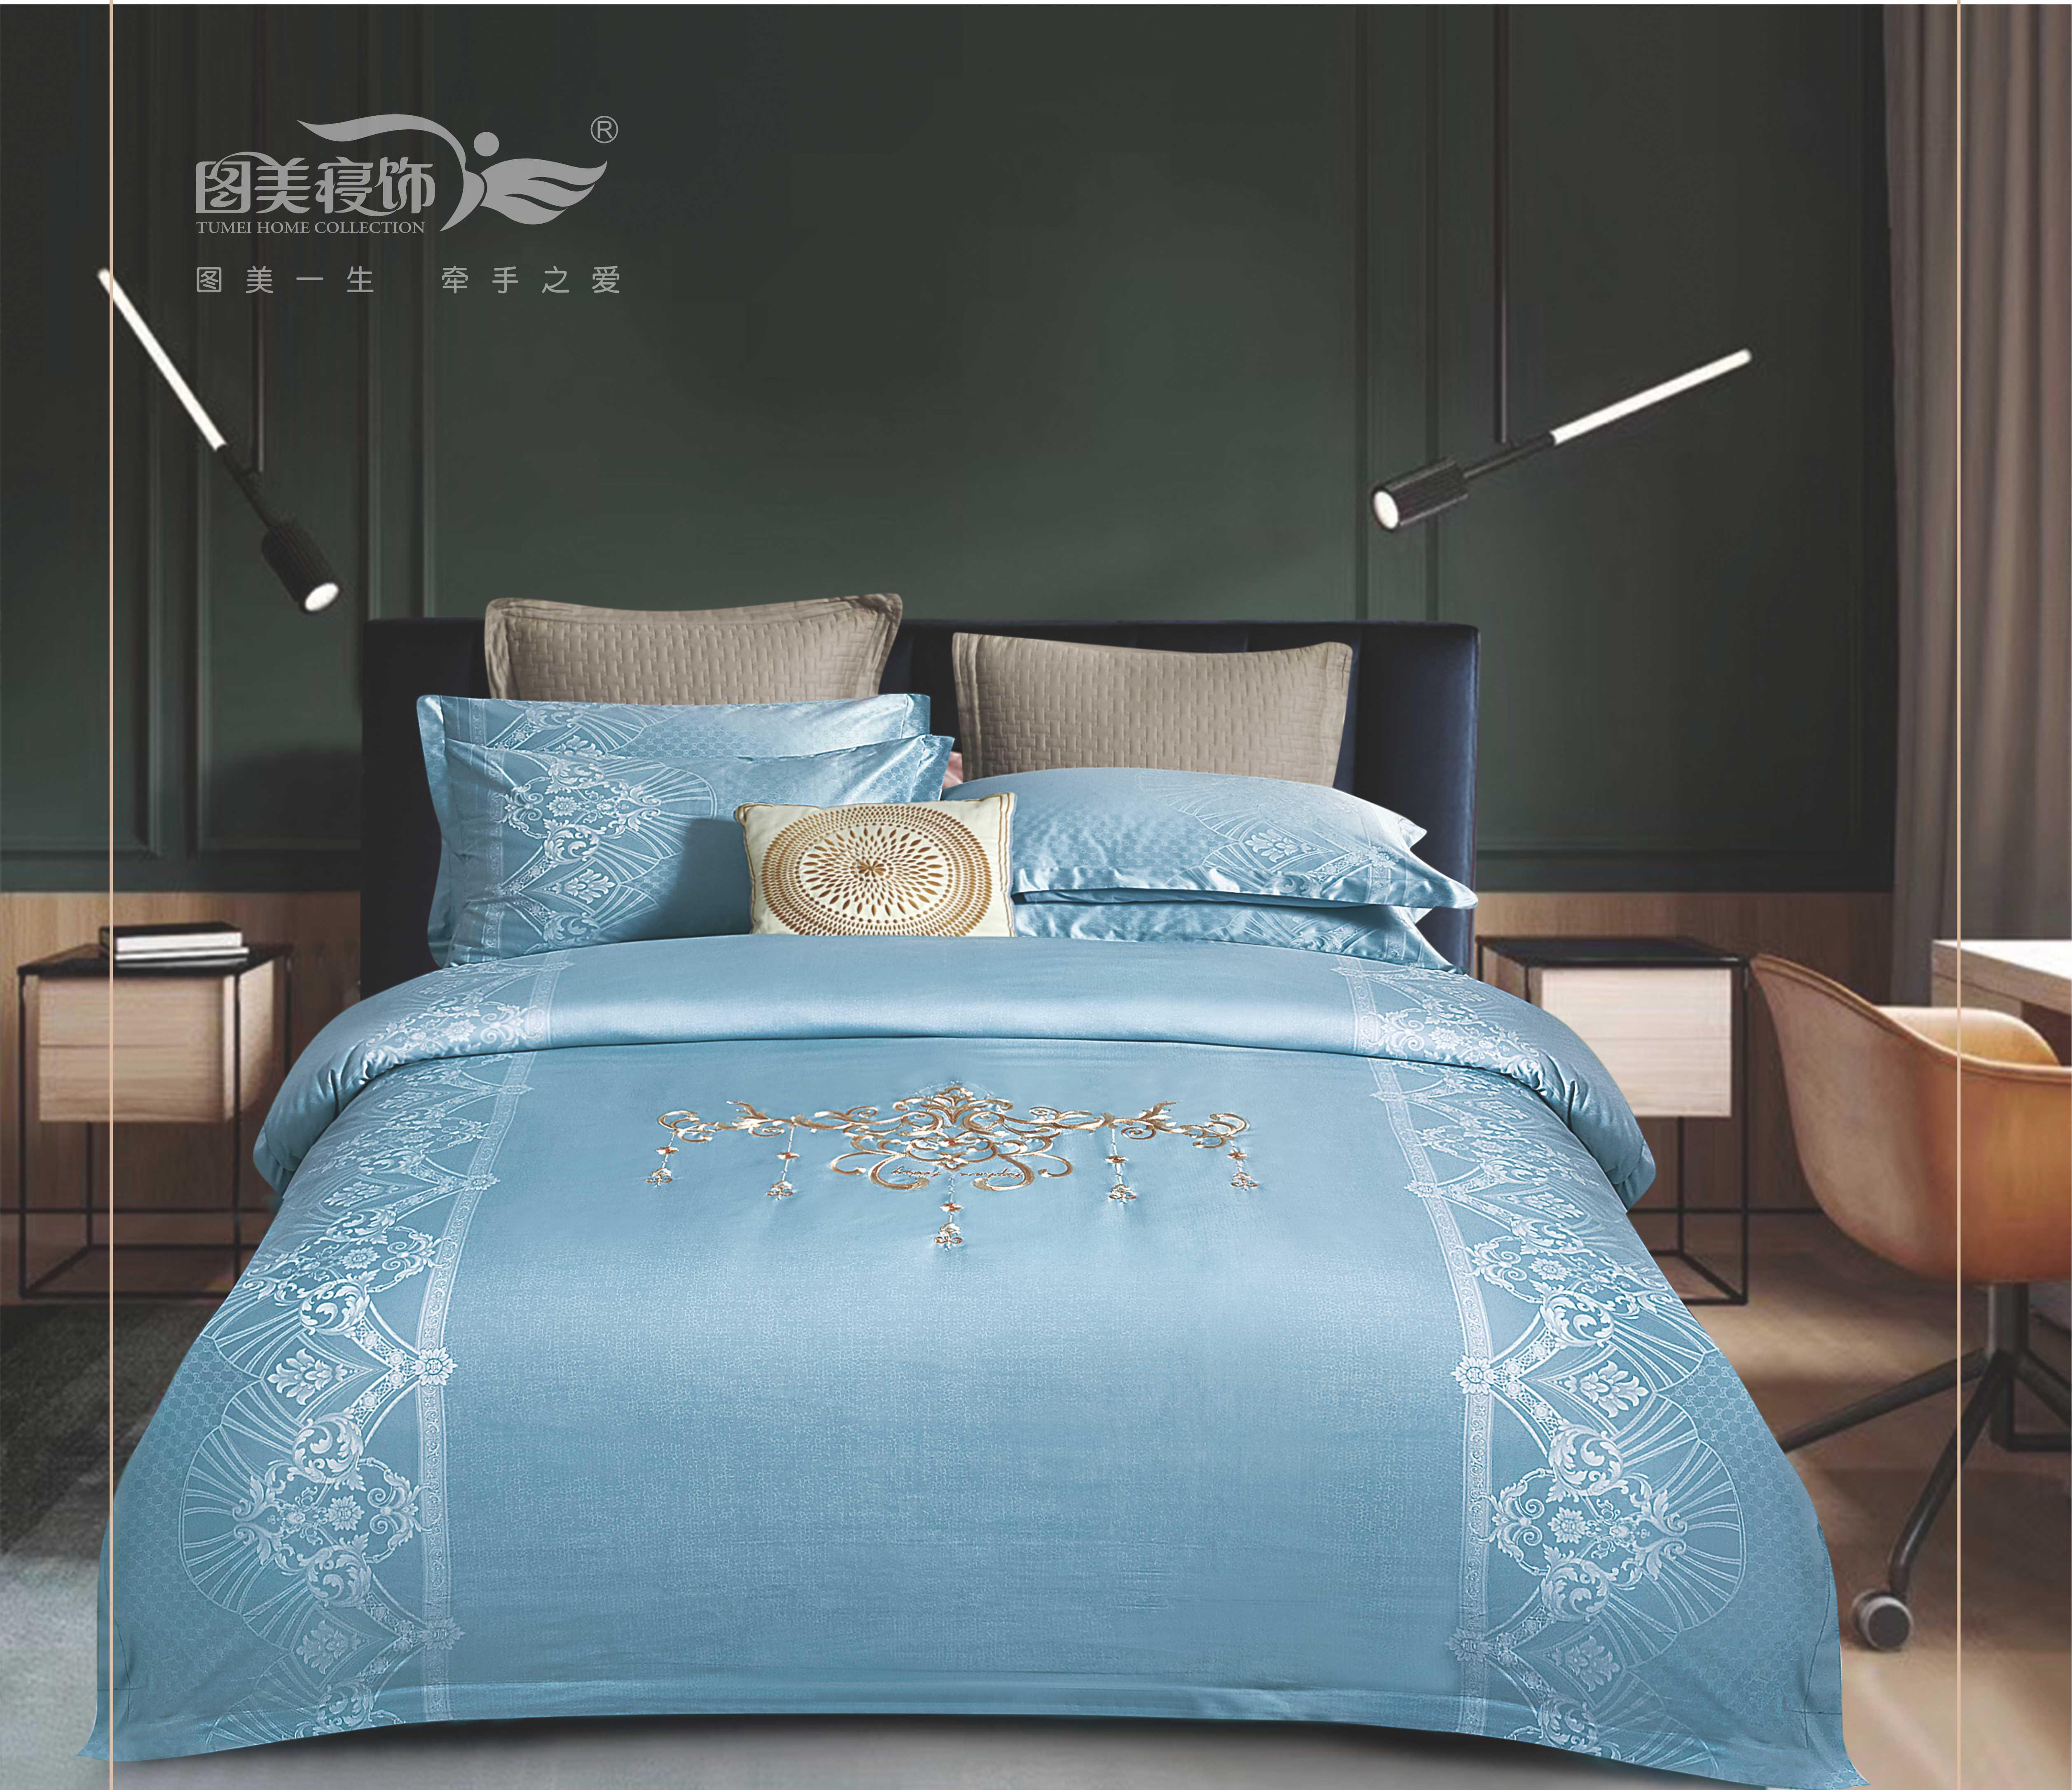 雅帝絲提花床蓋四件套-摩登風範 (天空蘭、魅紫、新貴綠)